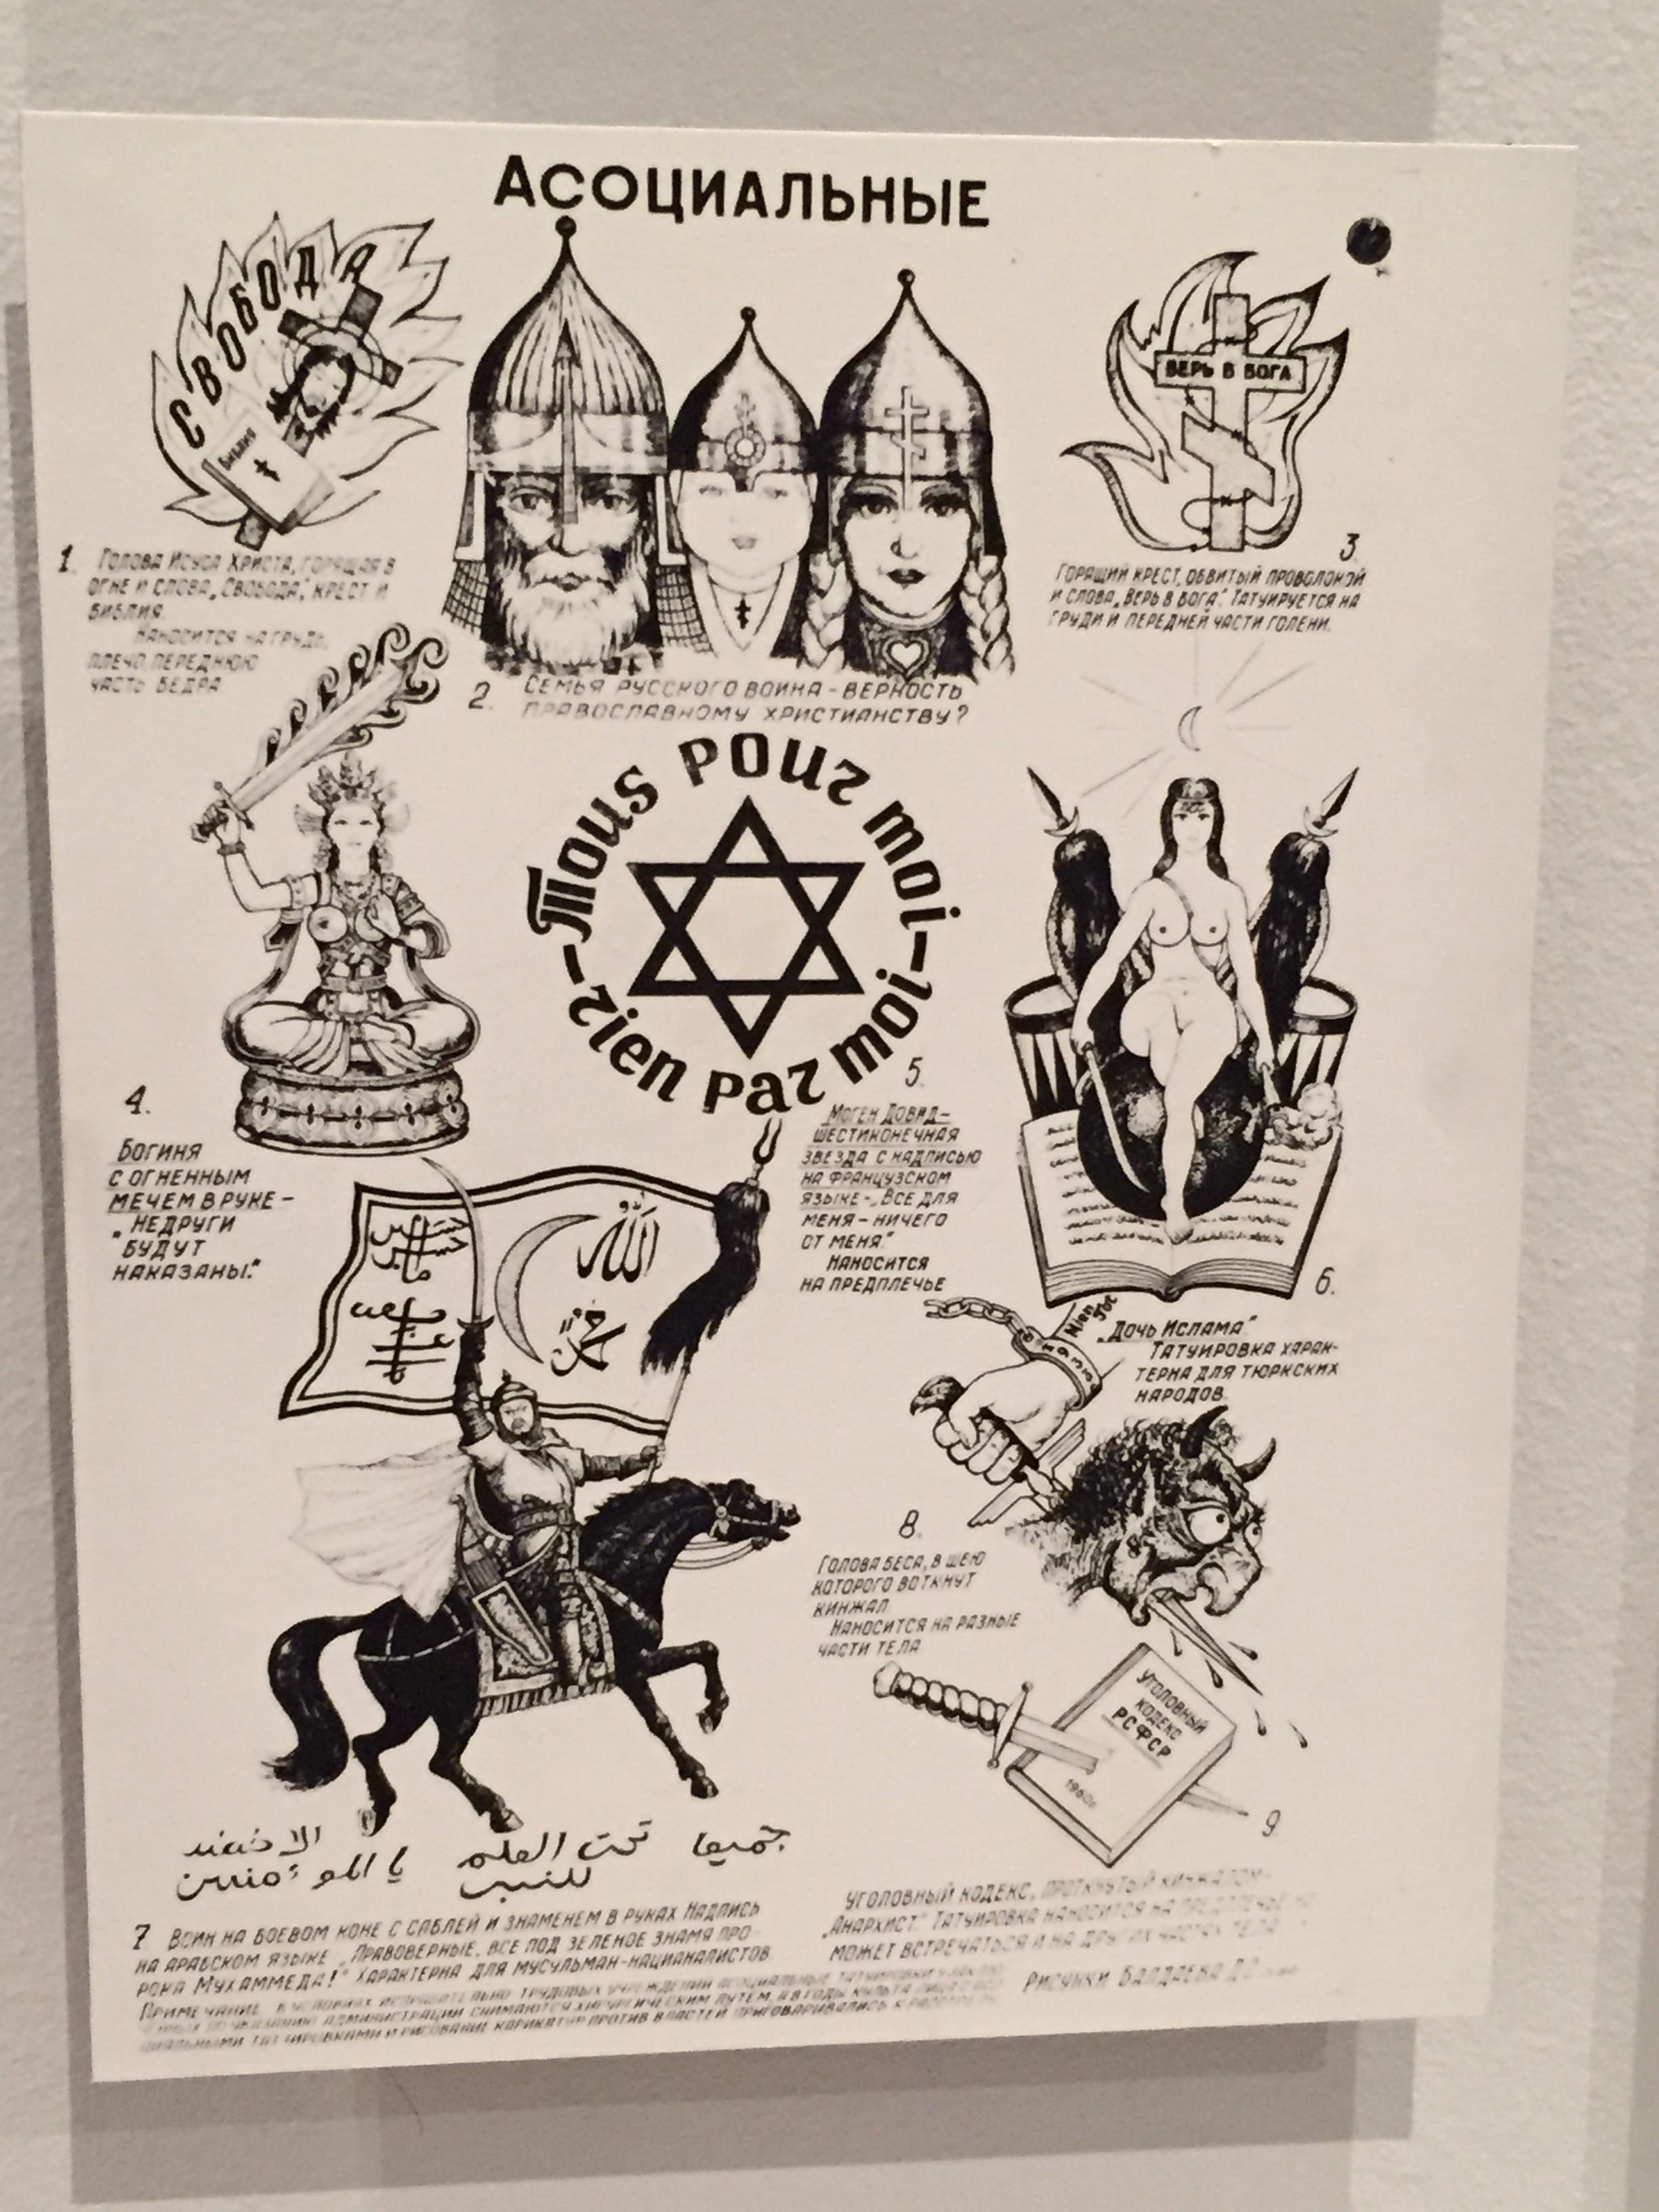 image 9 Другая SOVA ROM, tatoo, выставка, идентификация, искусство, Марк Джейкобс, одержимость, ритуал, тату, татуировк, Тин-Тин